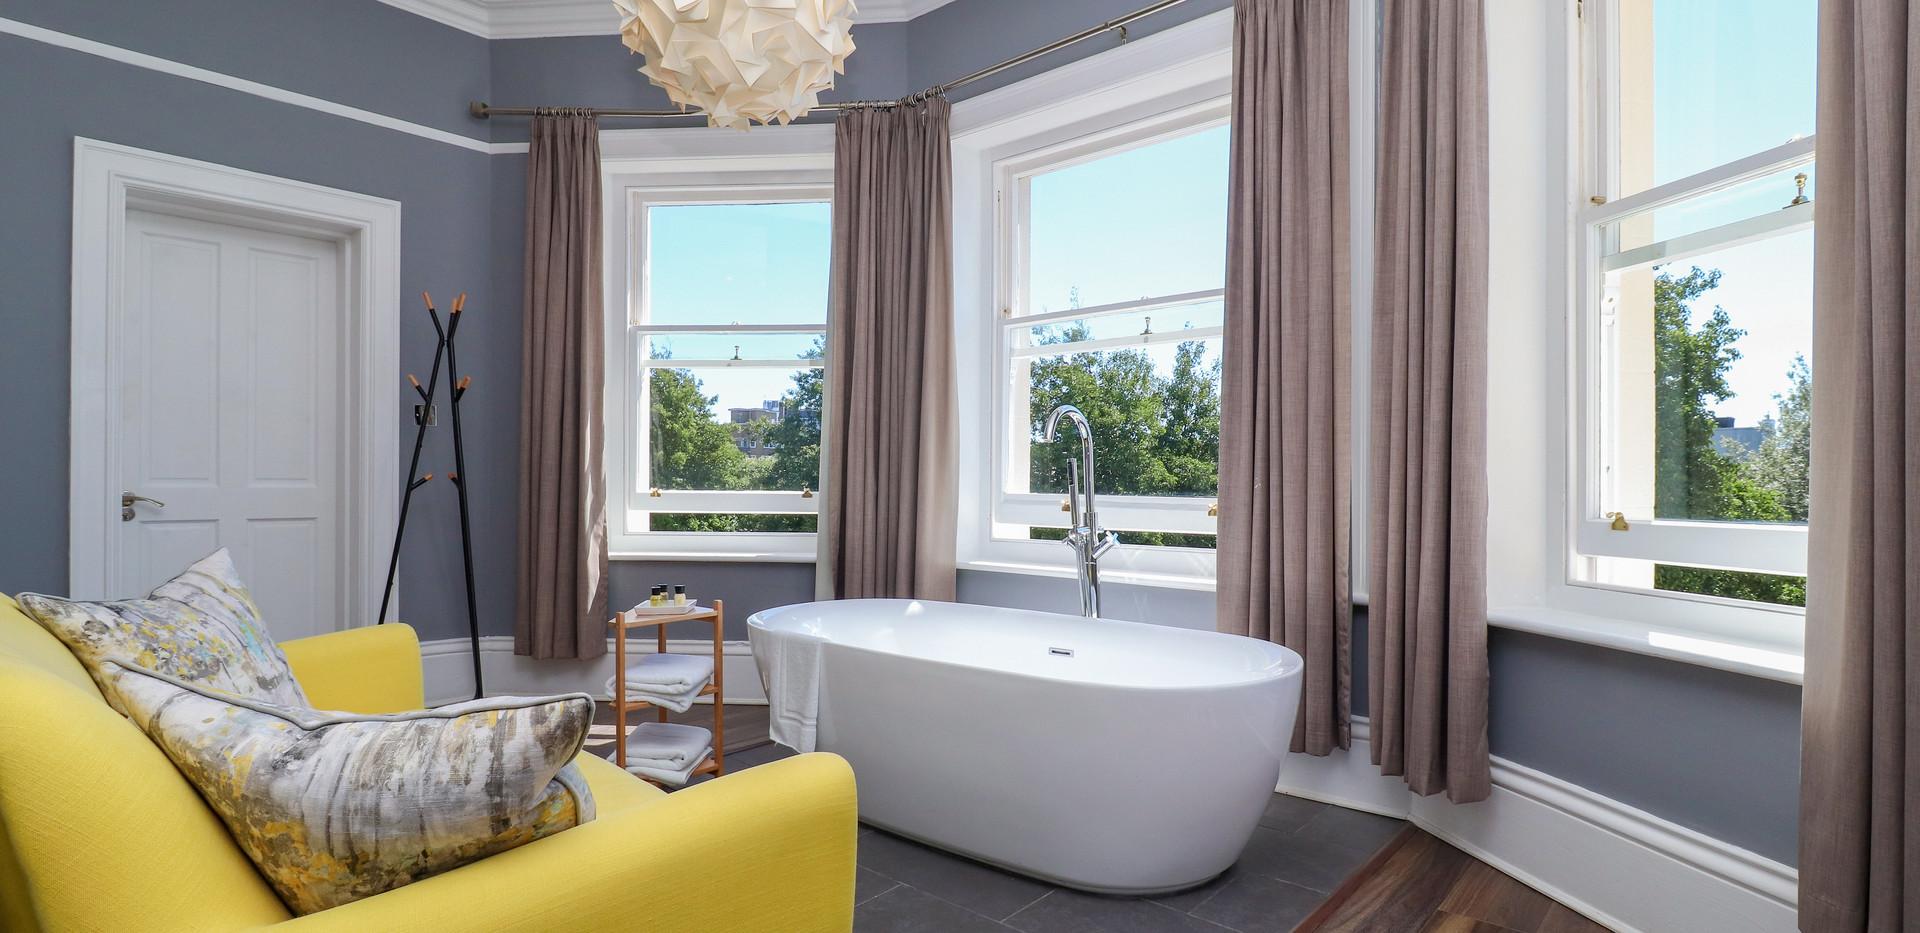 Bath from rhs.jpg